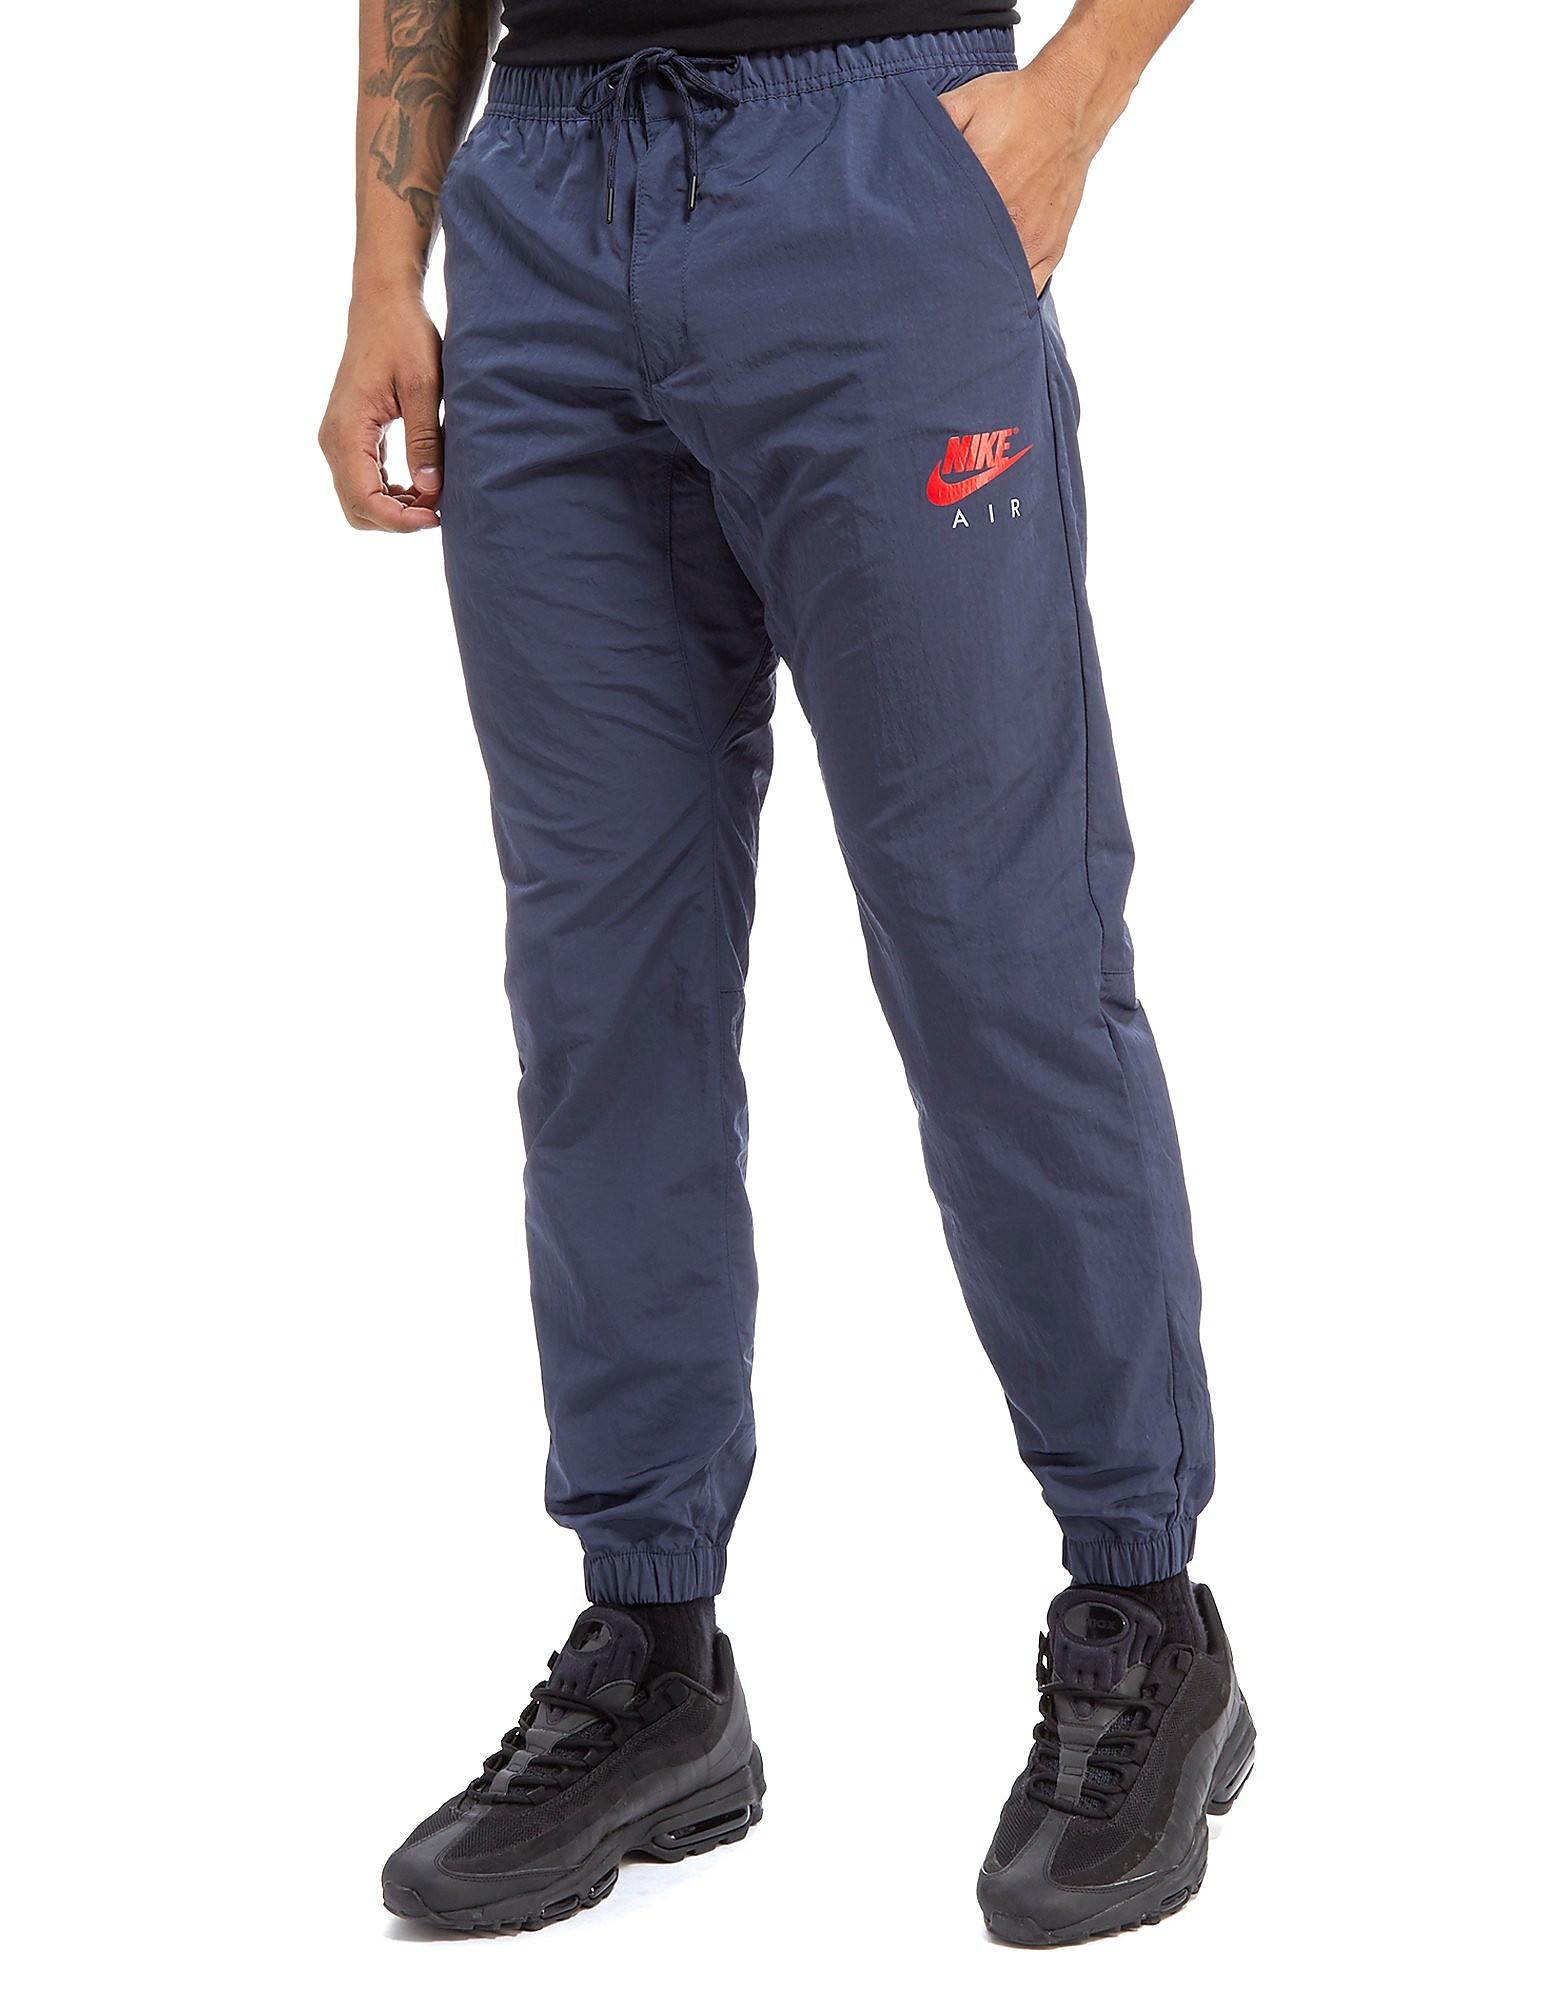 Nike Air Woven Pants Heren - Blauw - Heren